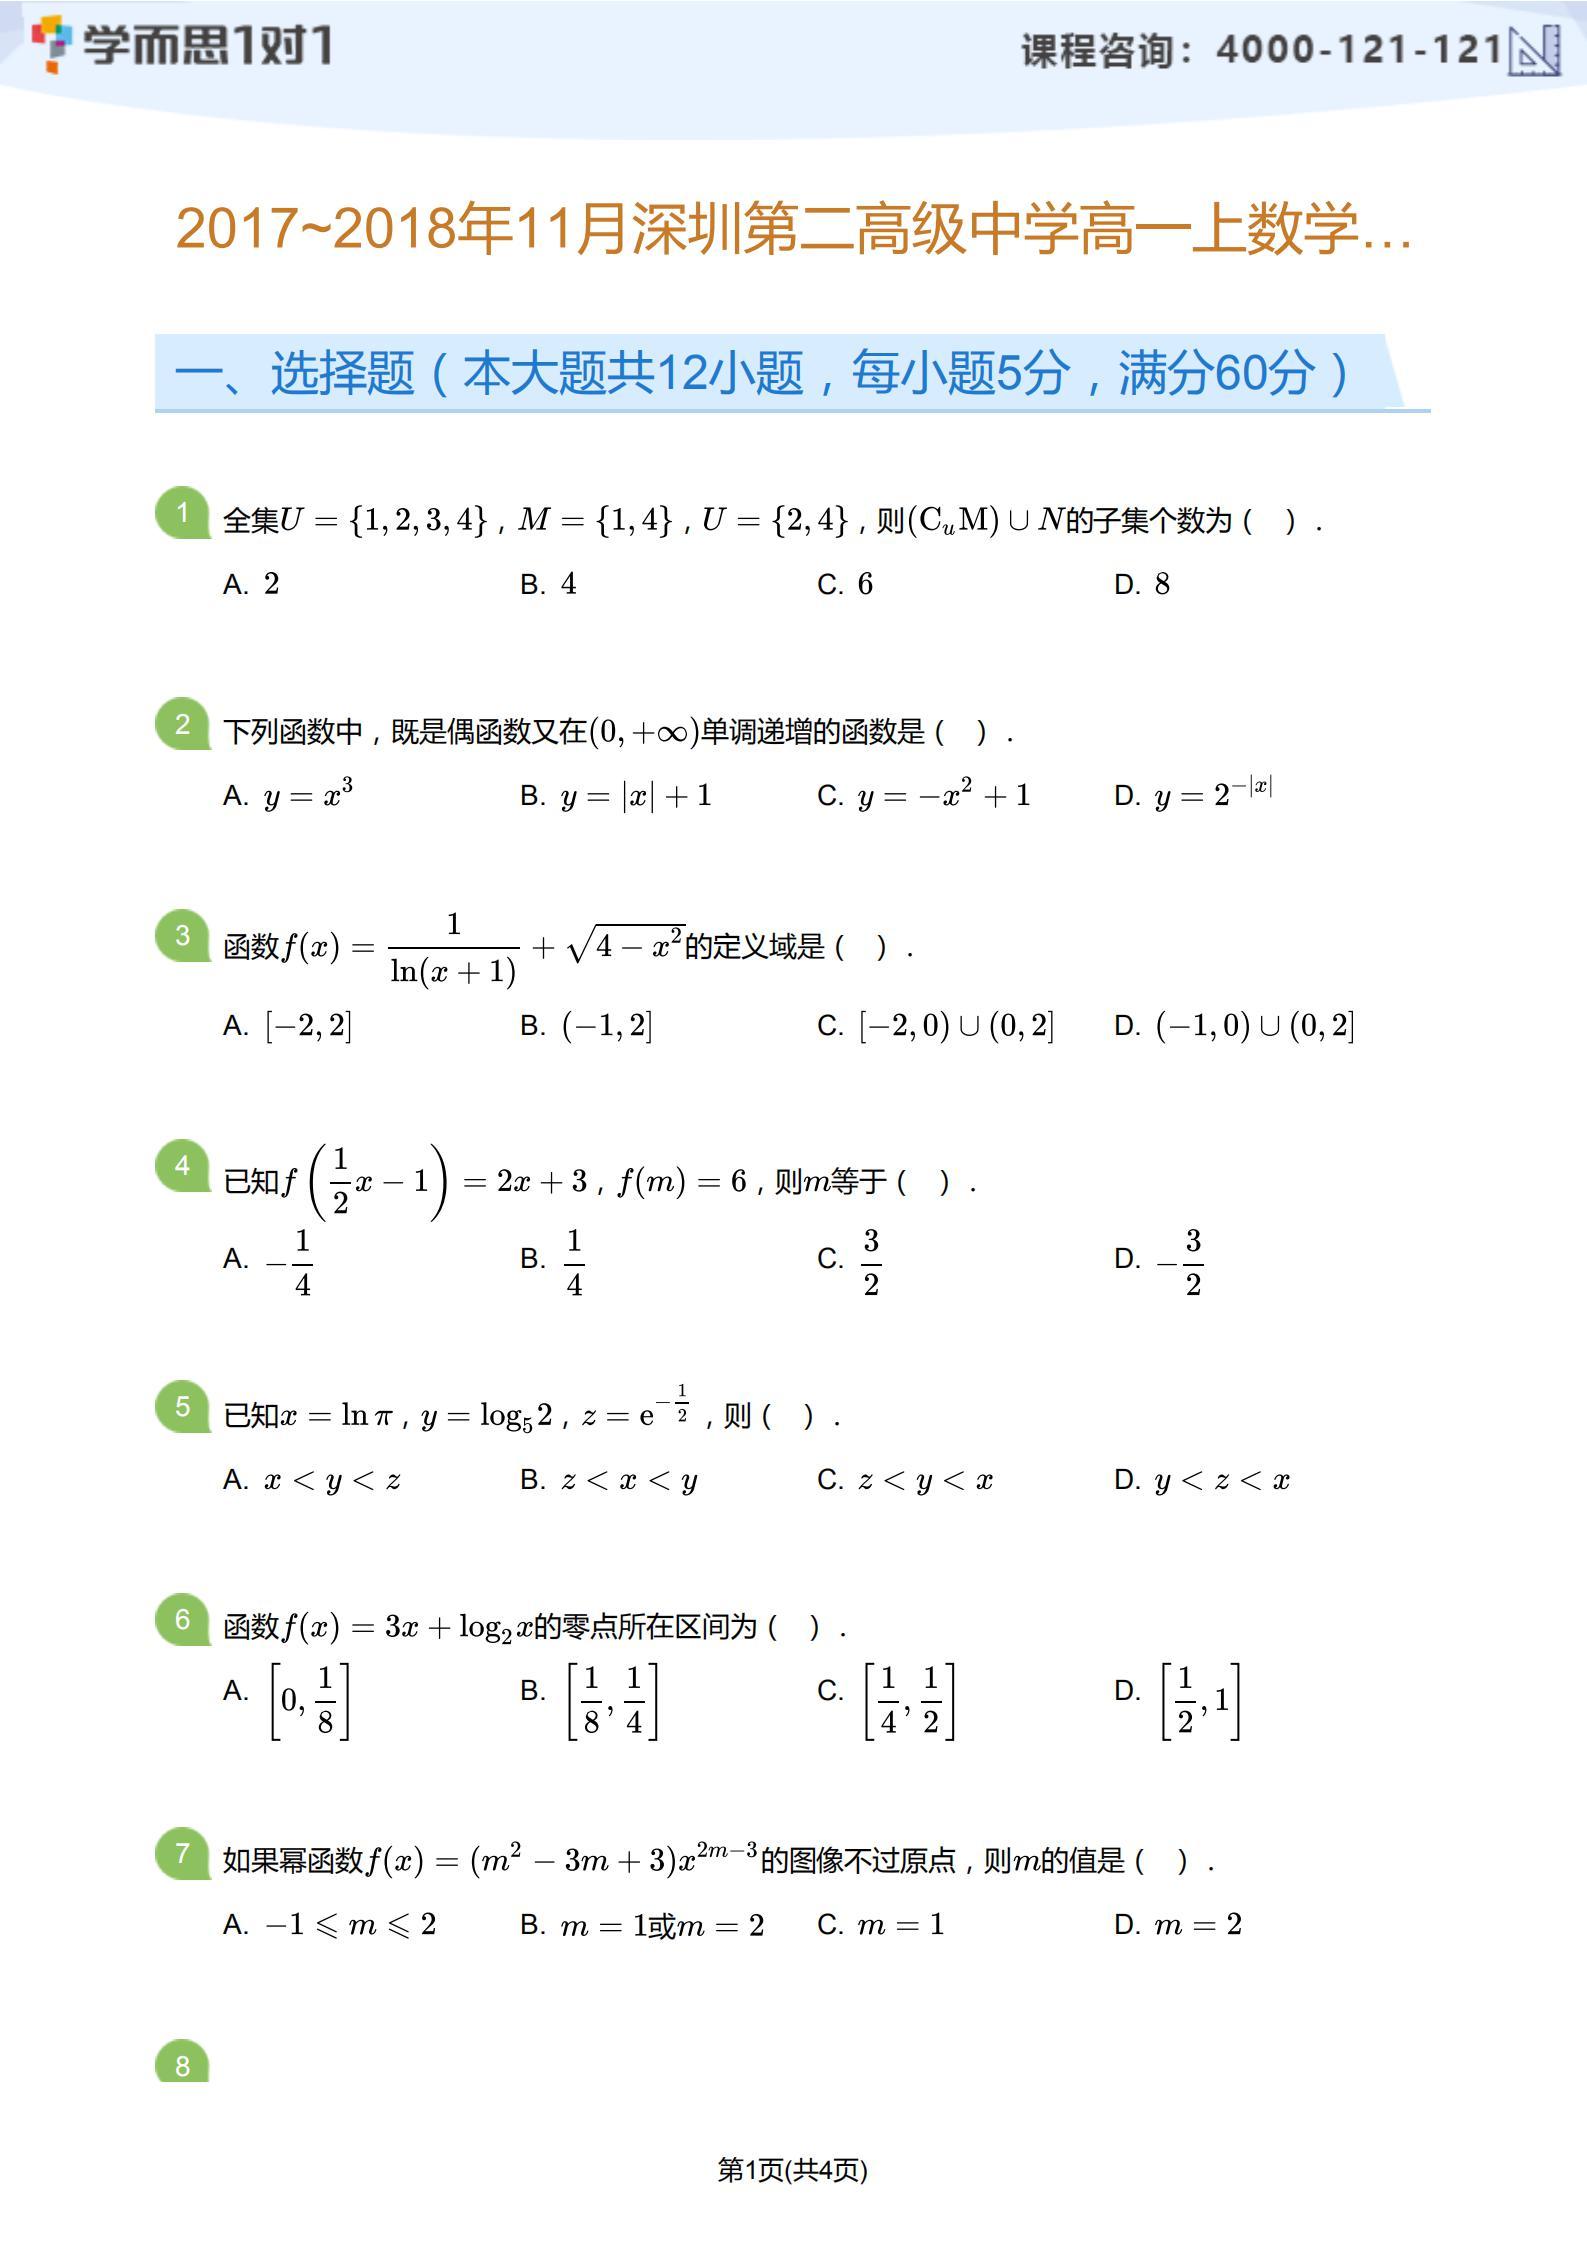 2017-2018学年11月深圳第二高级中学高一上月考数学试卷及答案